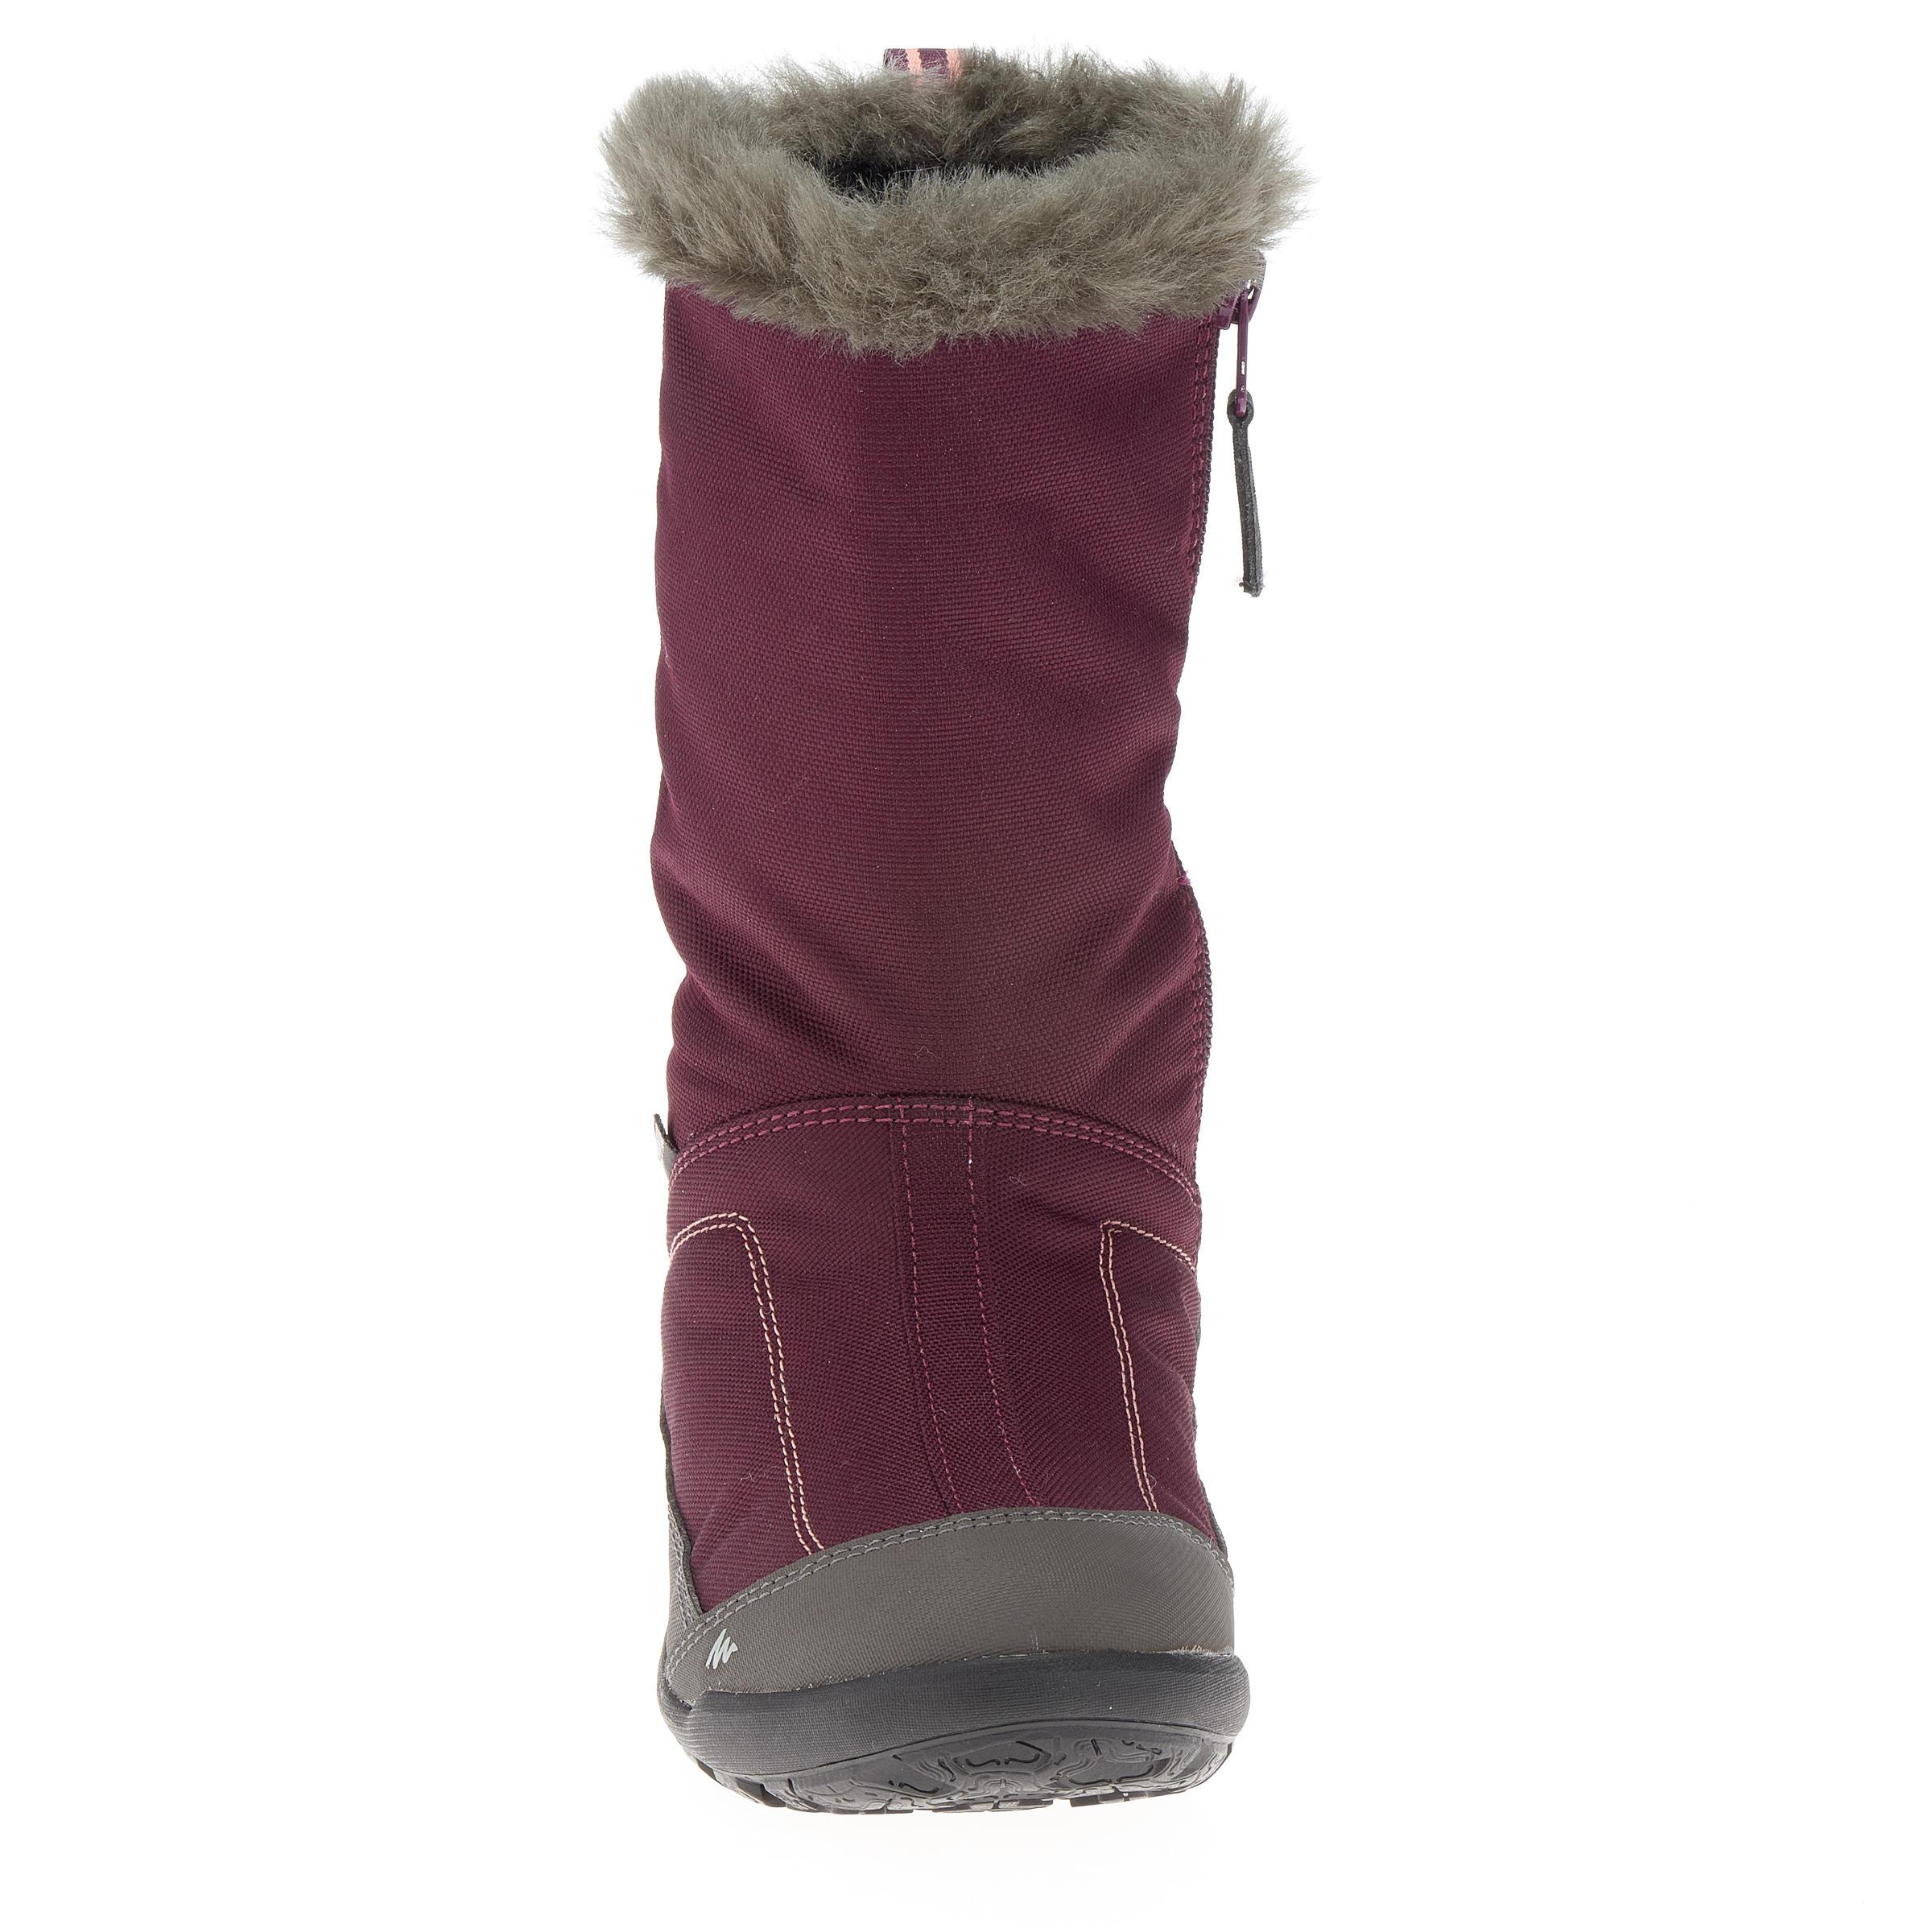 Bottes de randonnée neige junior SH500 chaudes Violet